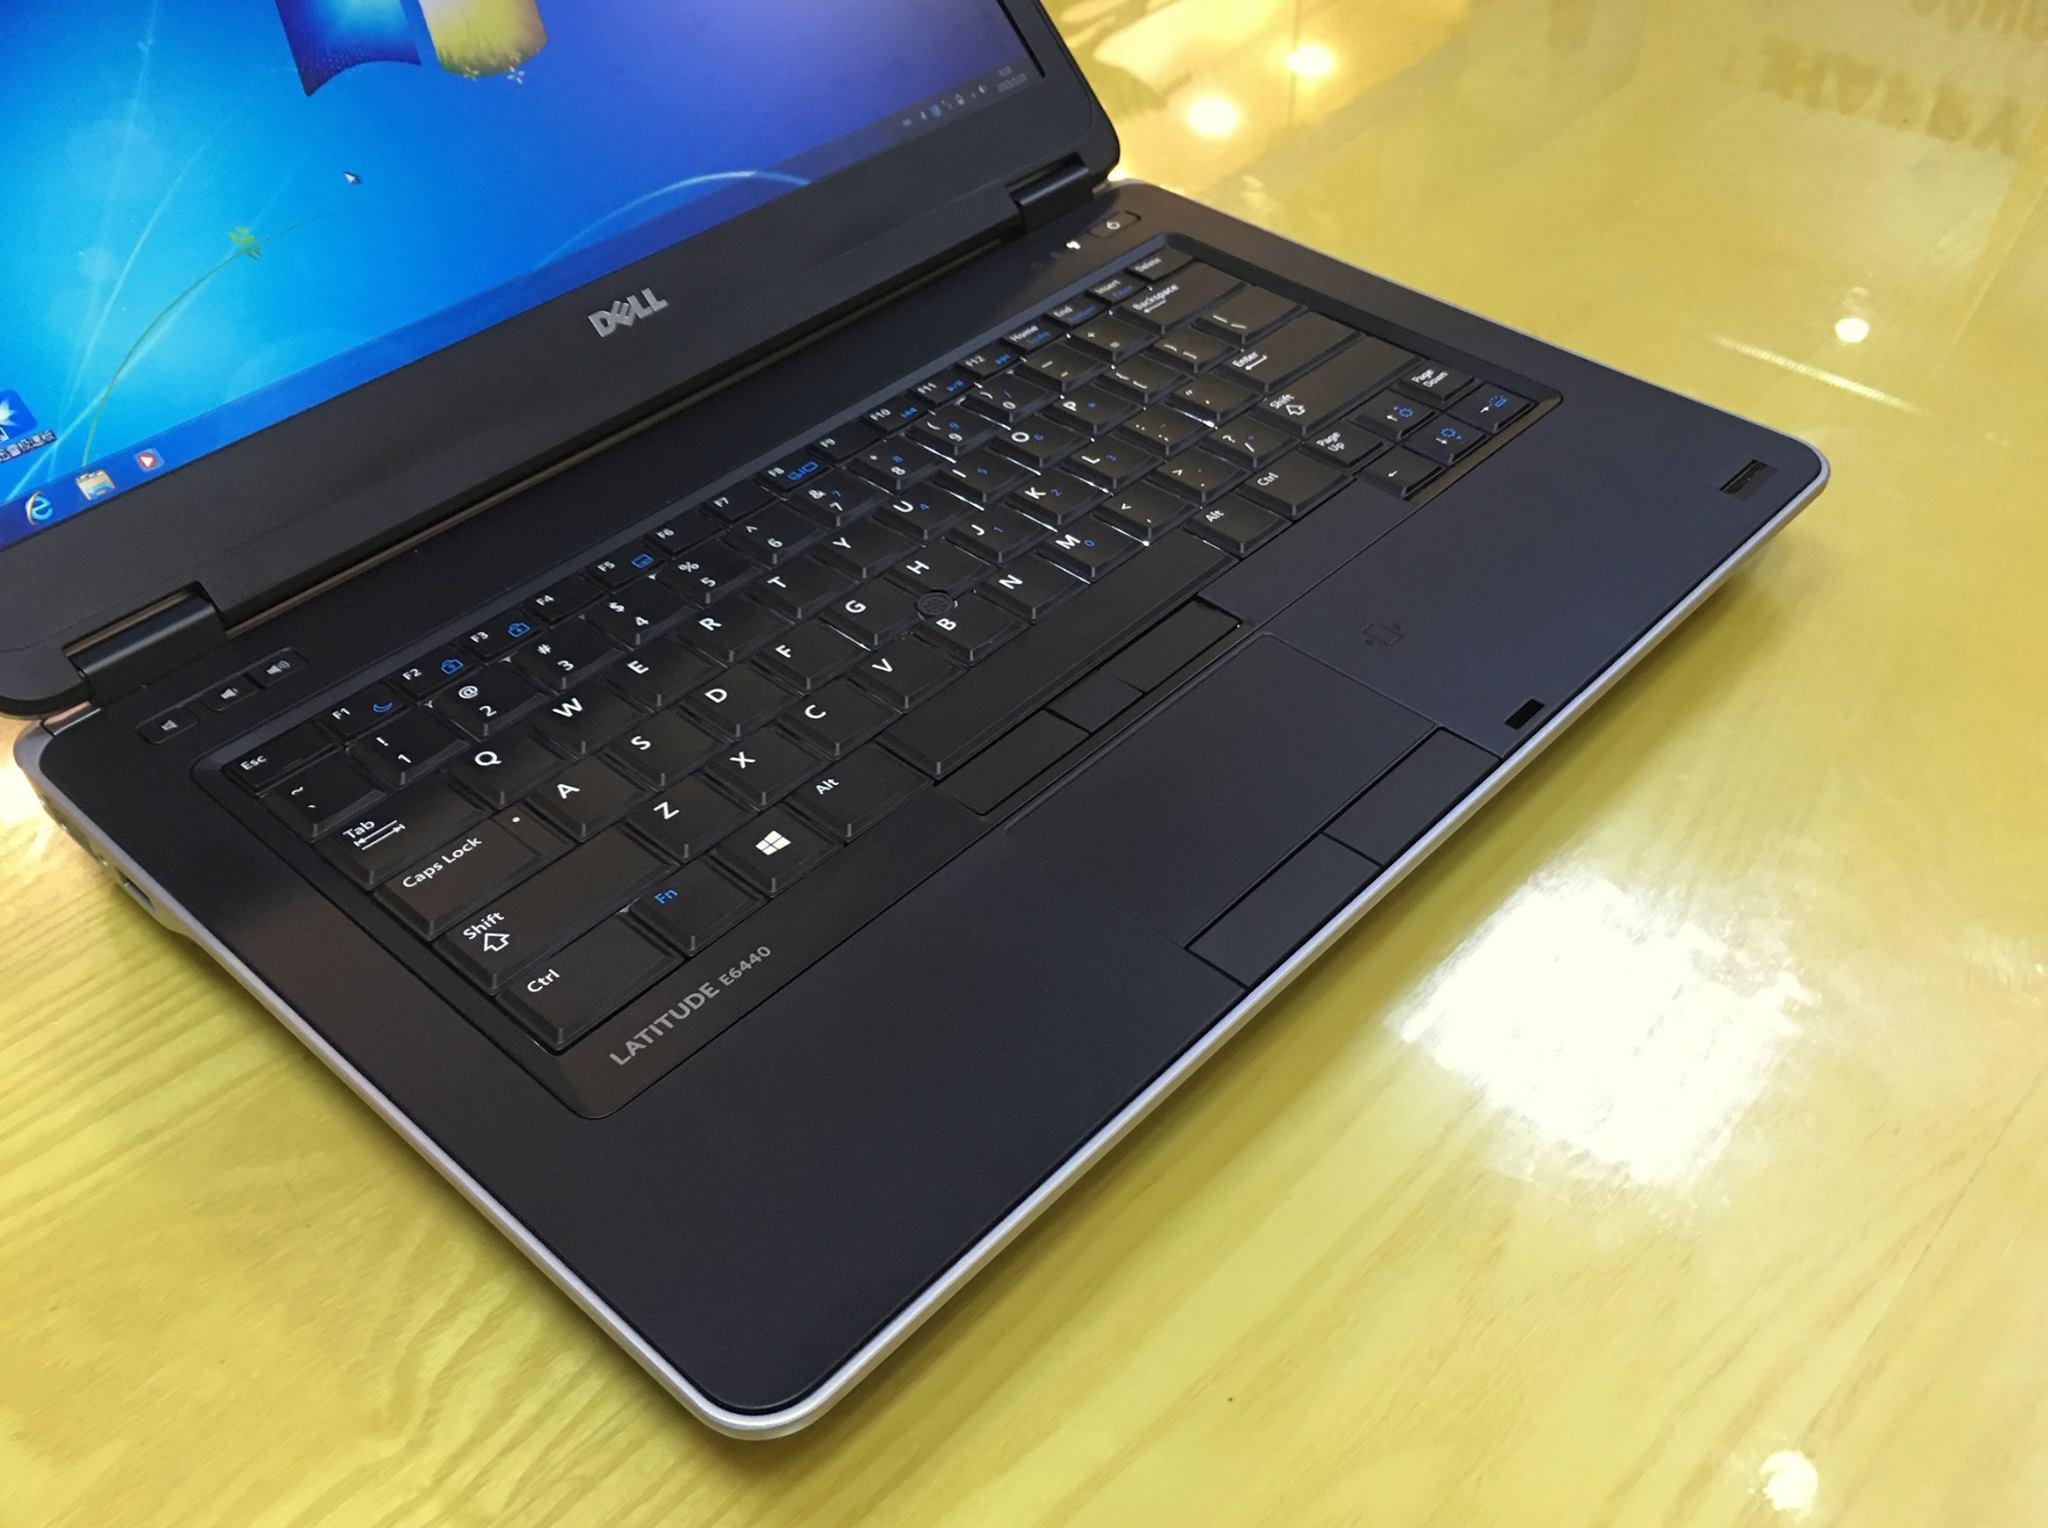 Laptop%20Dell%20Latitude%20E6440%20-6